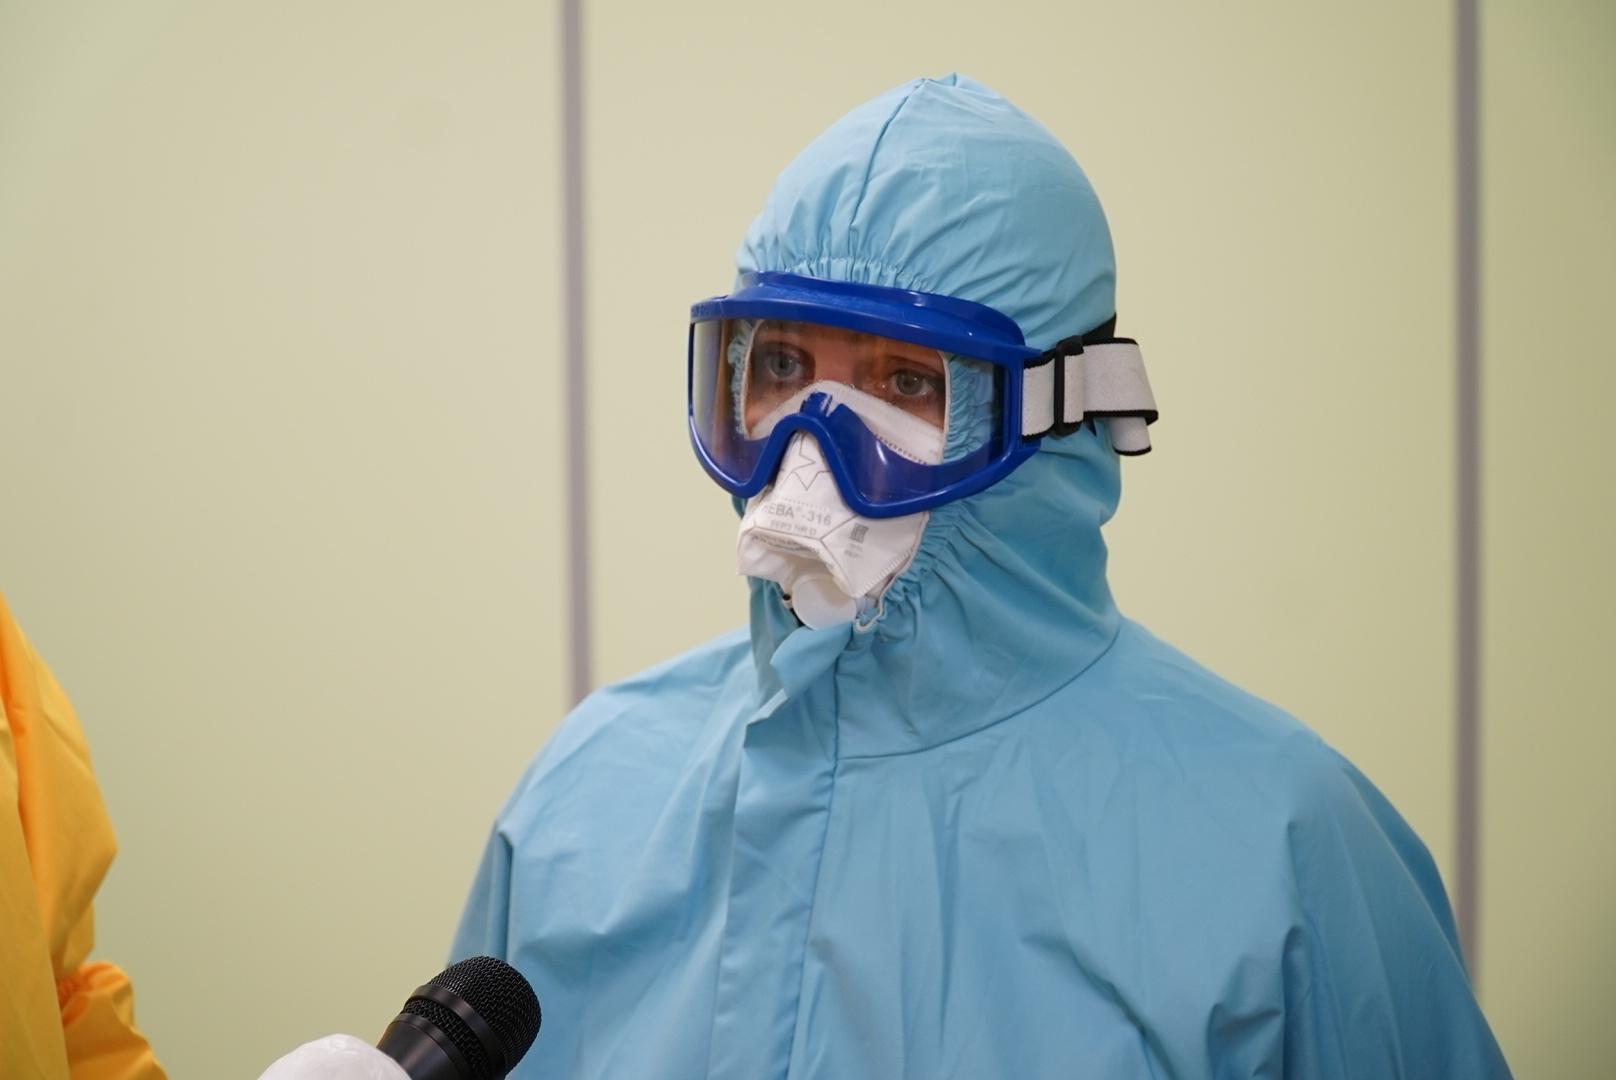 В минздраве рассказали о новых случаях заражения COVID-19 в Кирово-Чепецке и области